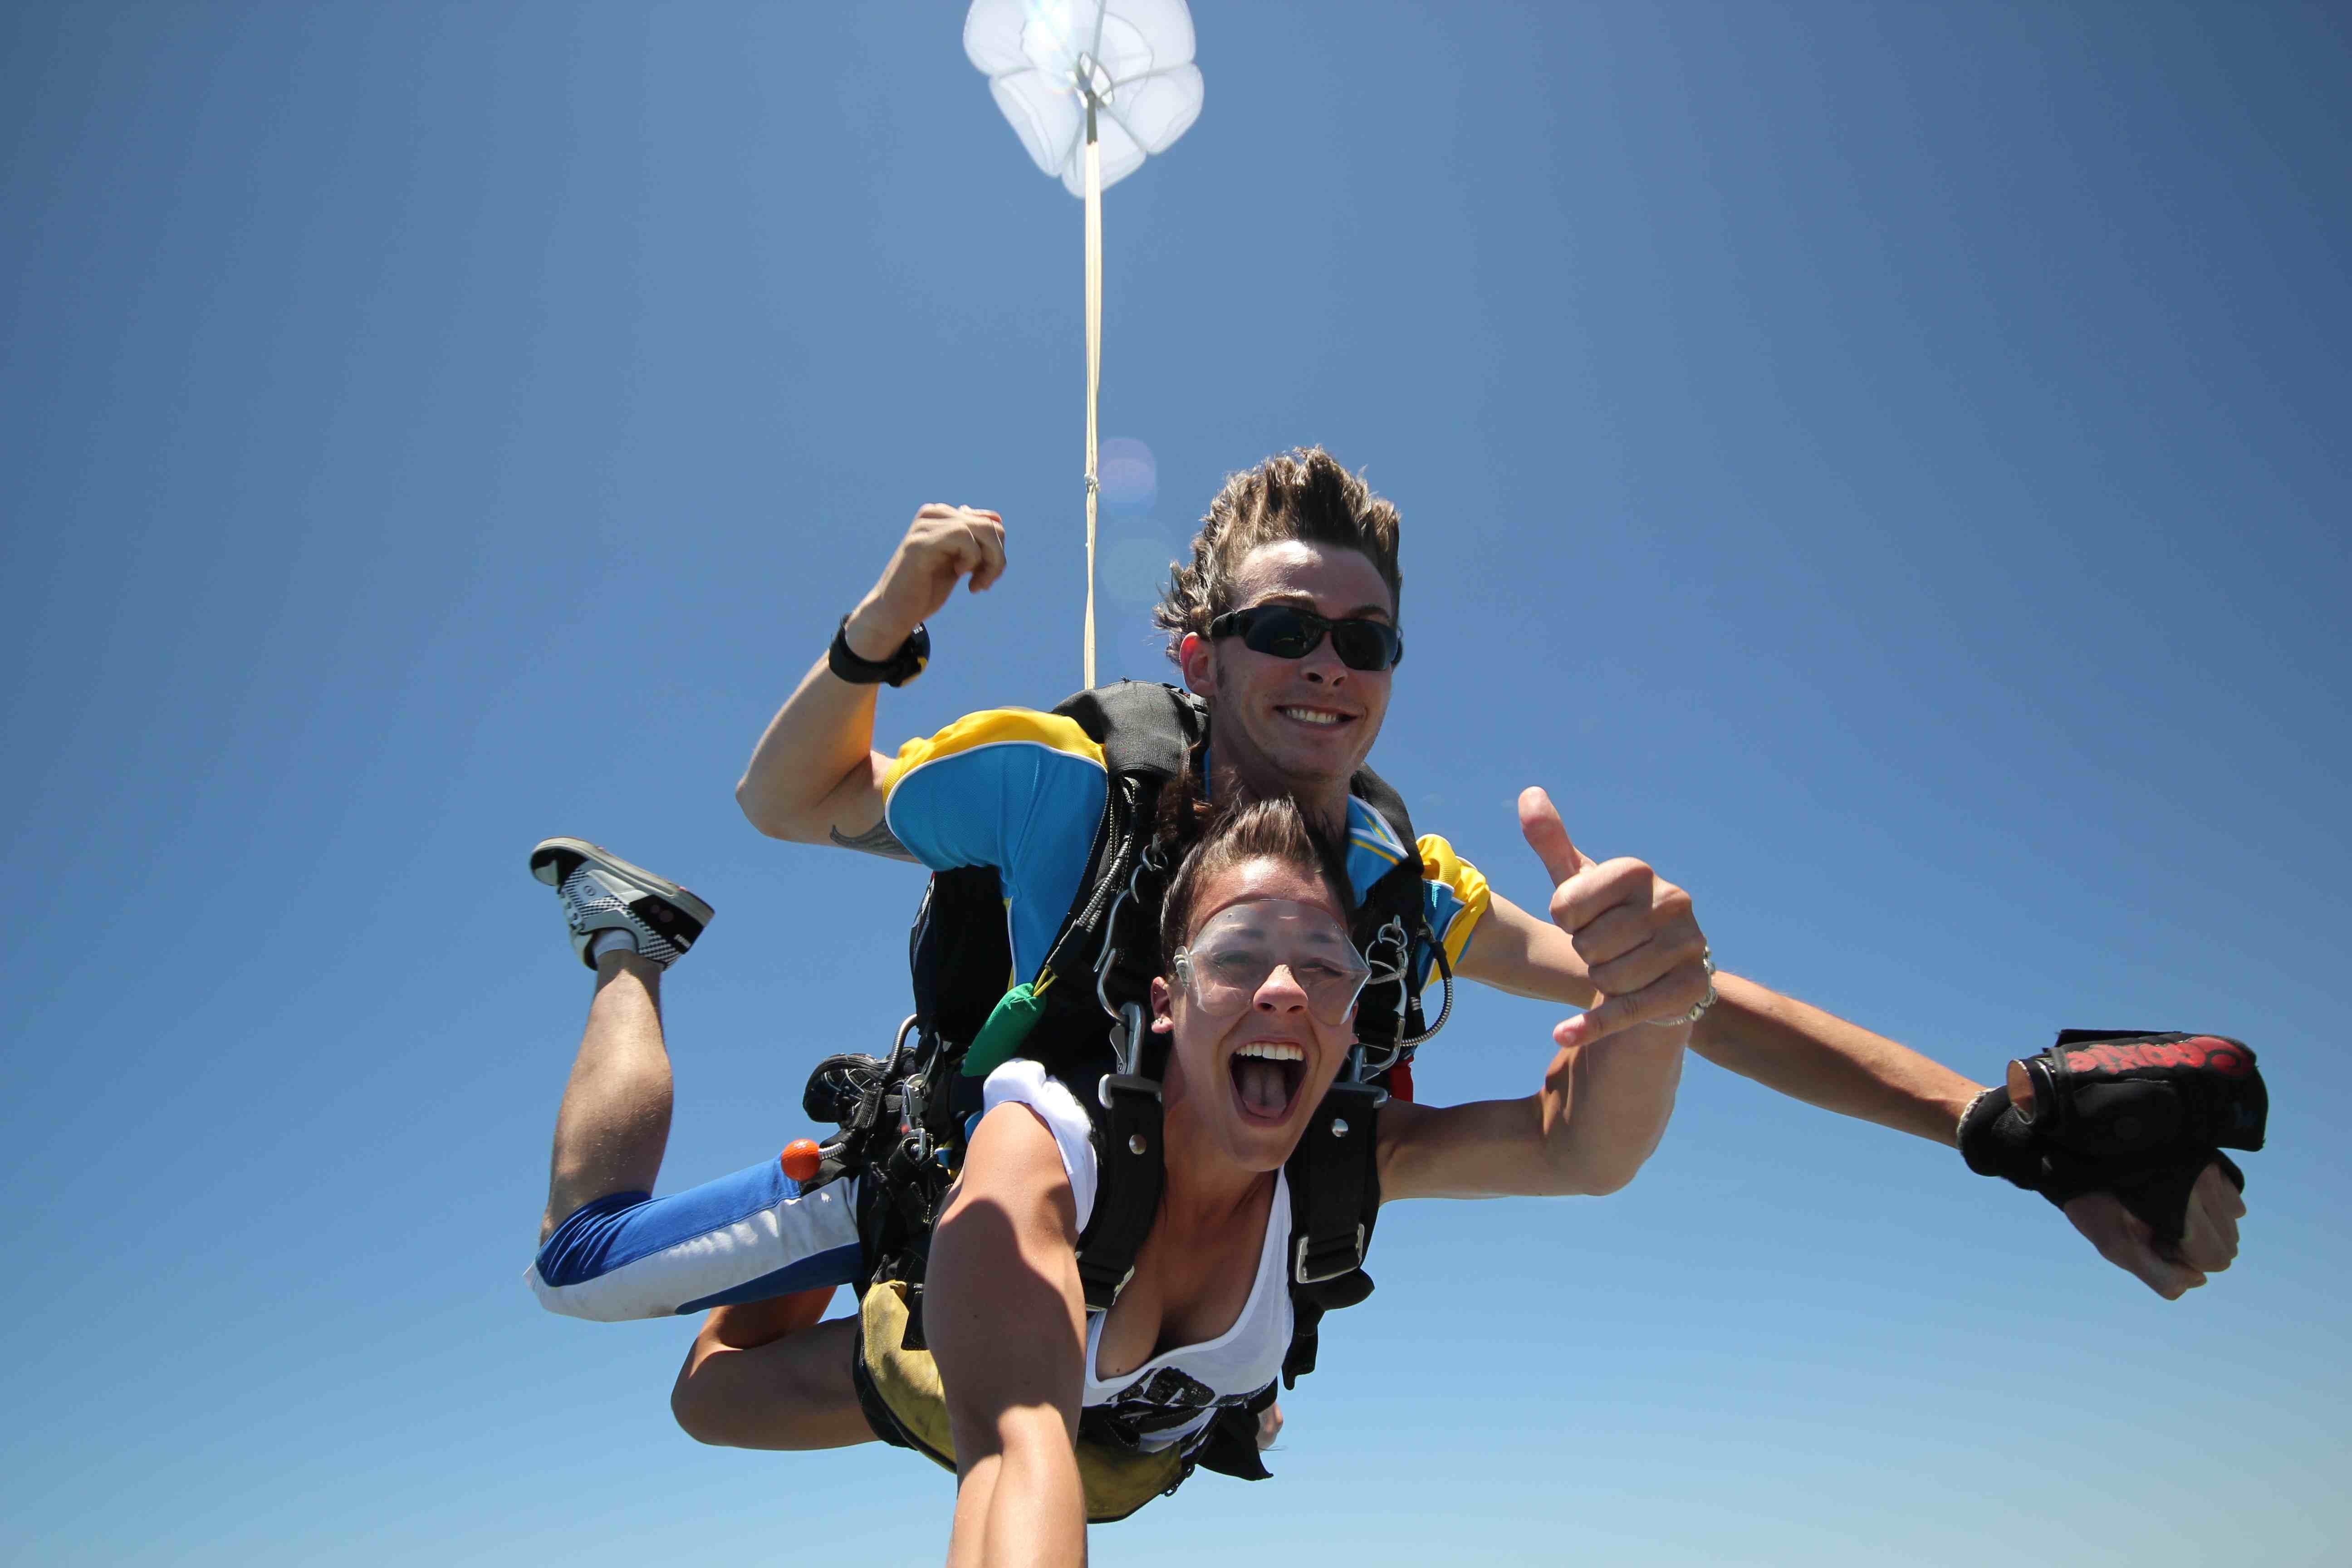 Tandem Skydive - Mid Week Special (Mon to Fri)